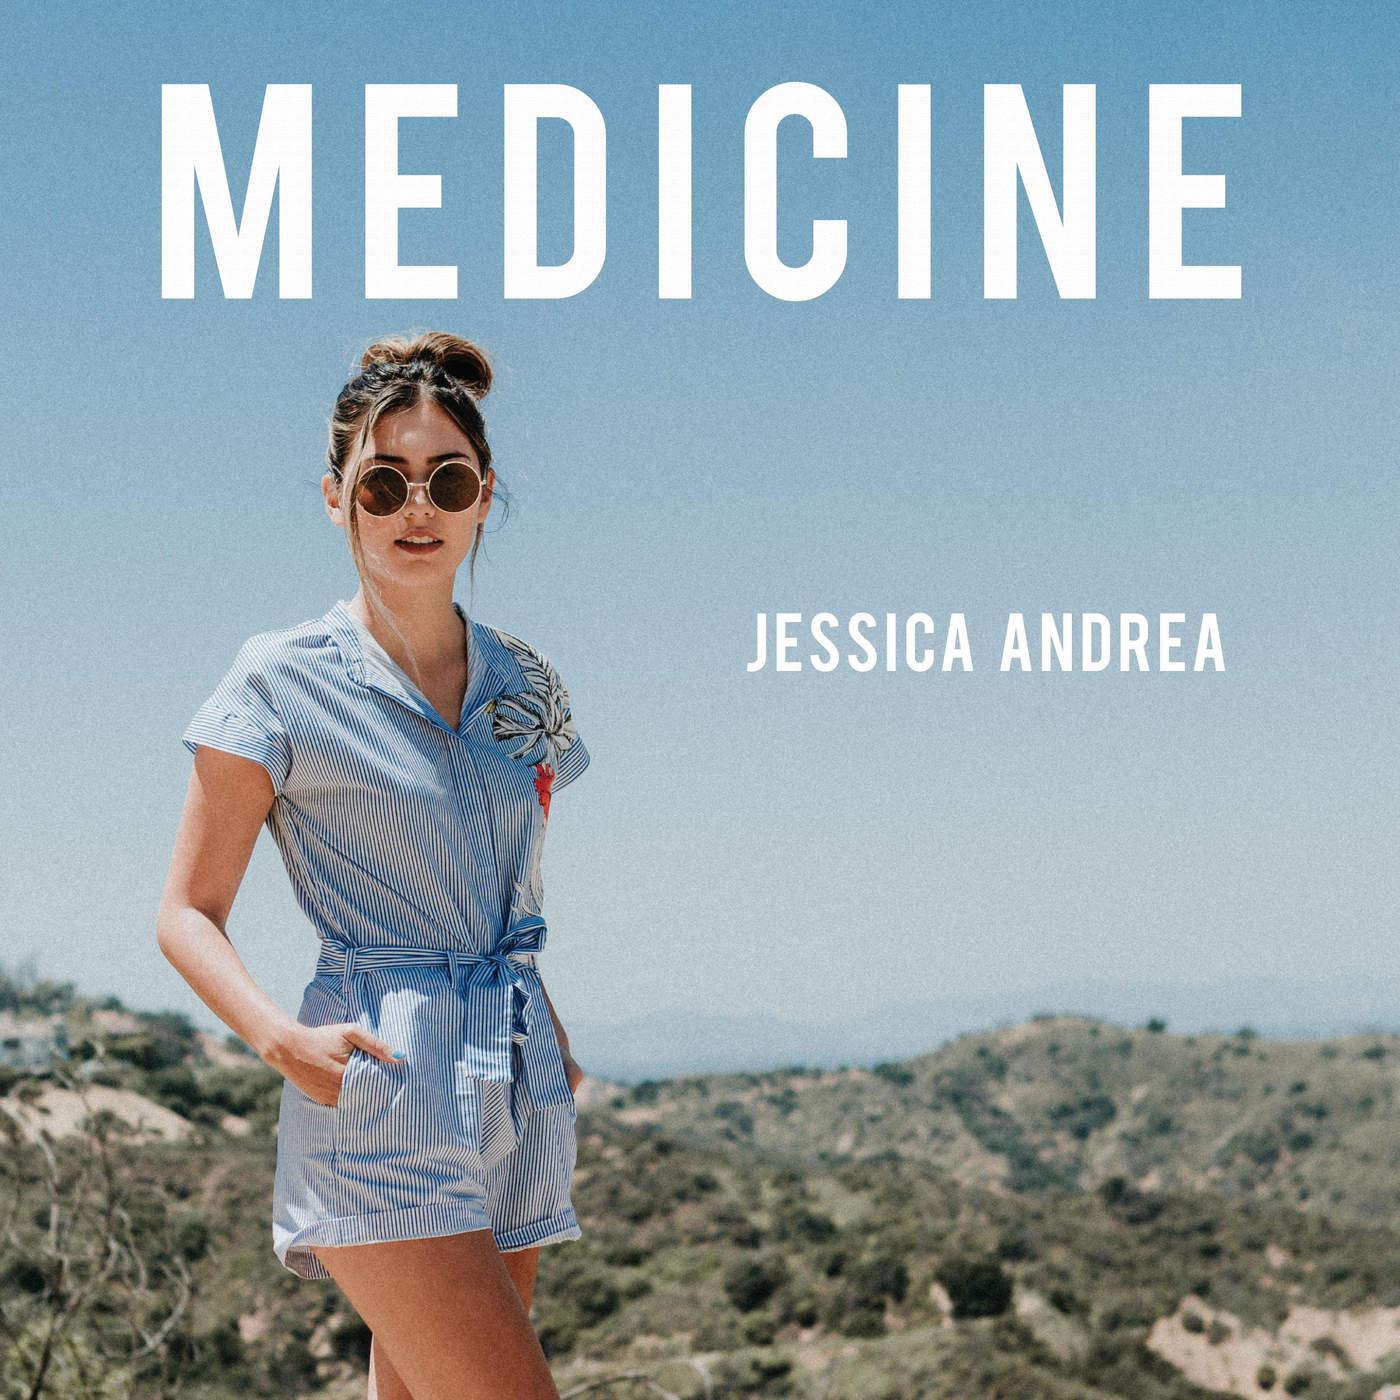 Jessica Andrea - Medicine - Single Cover